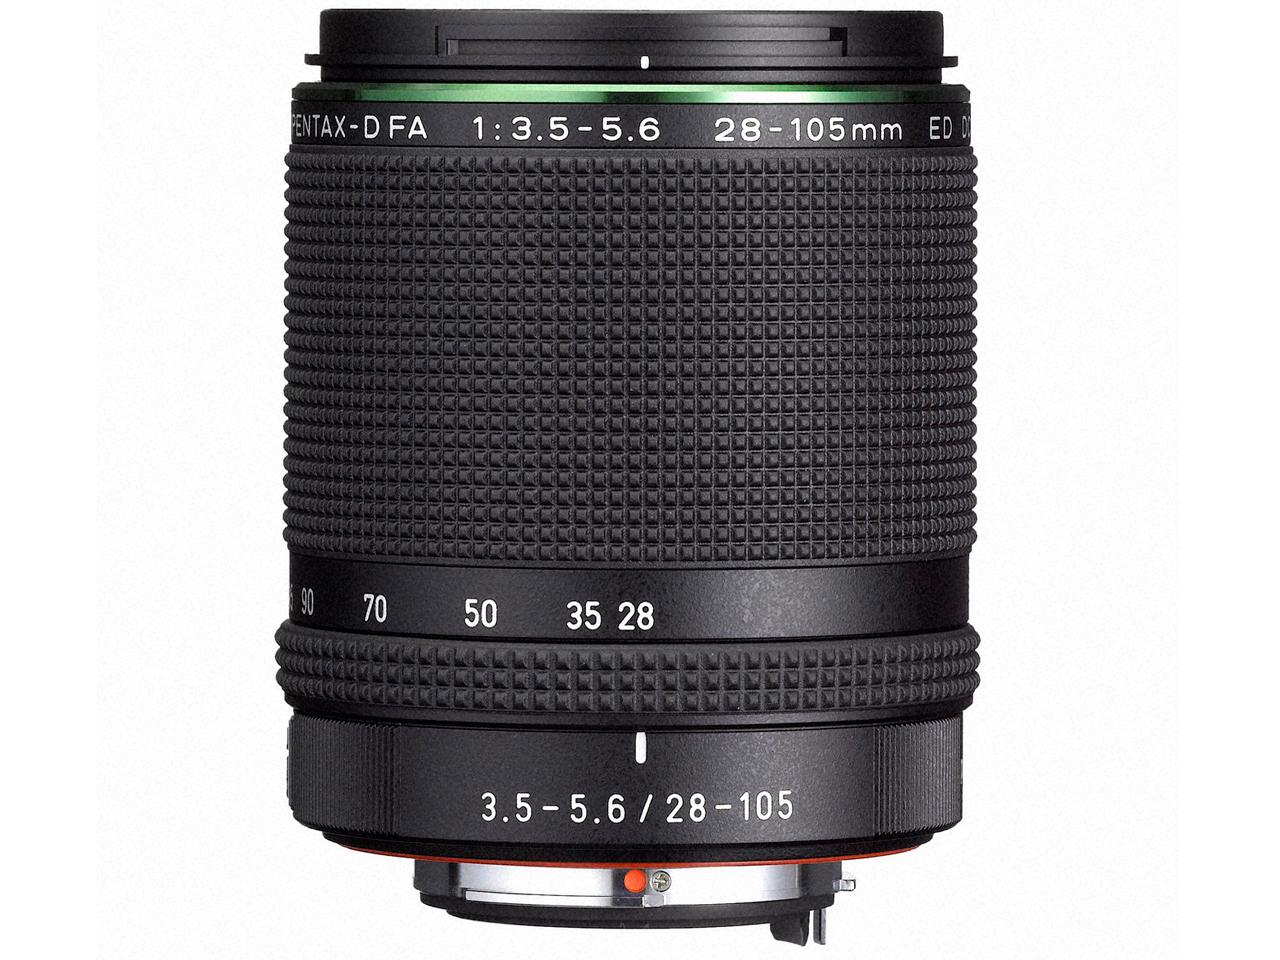 『本体 側面2』 HD PENTAX-D FA 28-105mmF3.5-5.6ED DC WR の製品画像